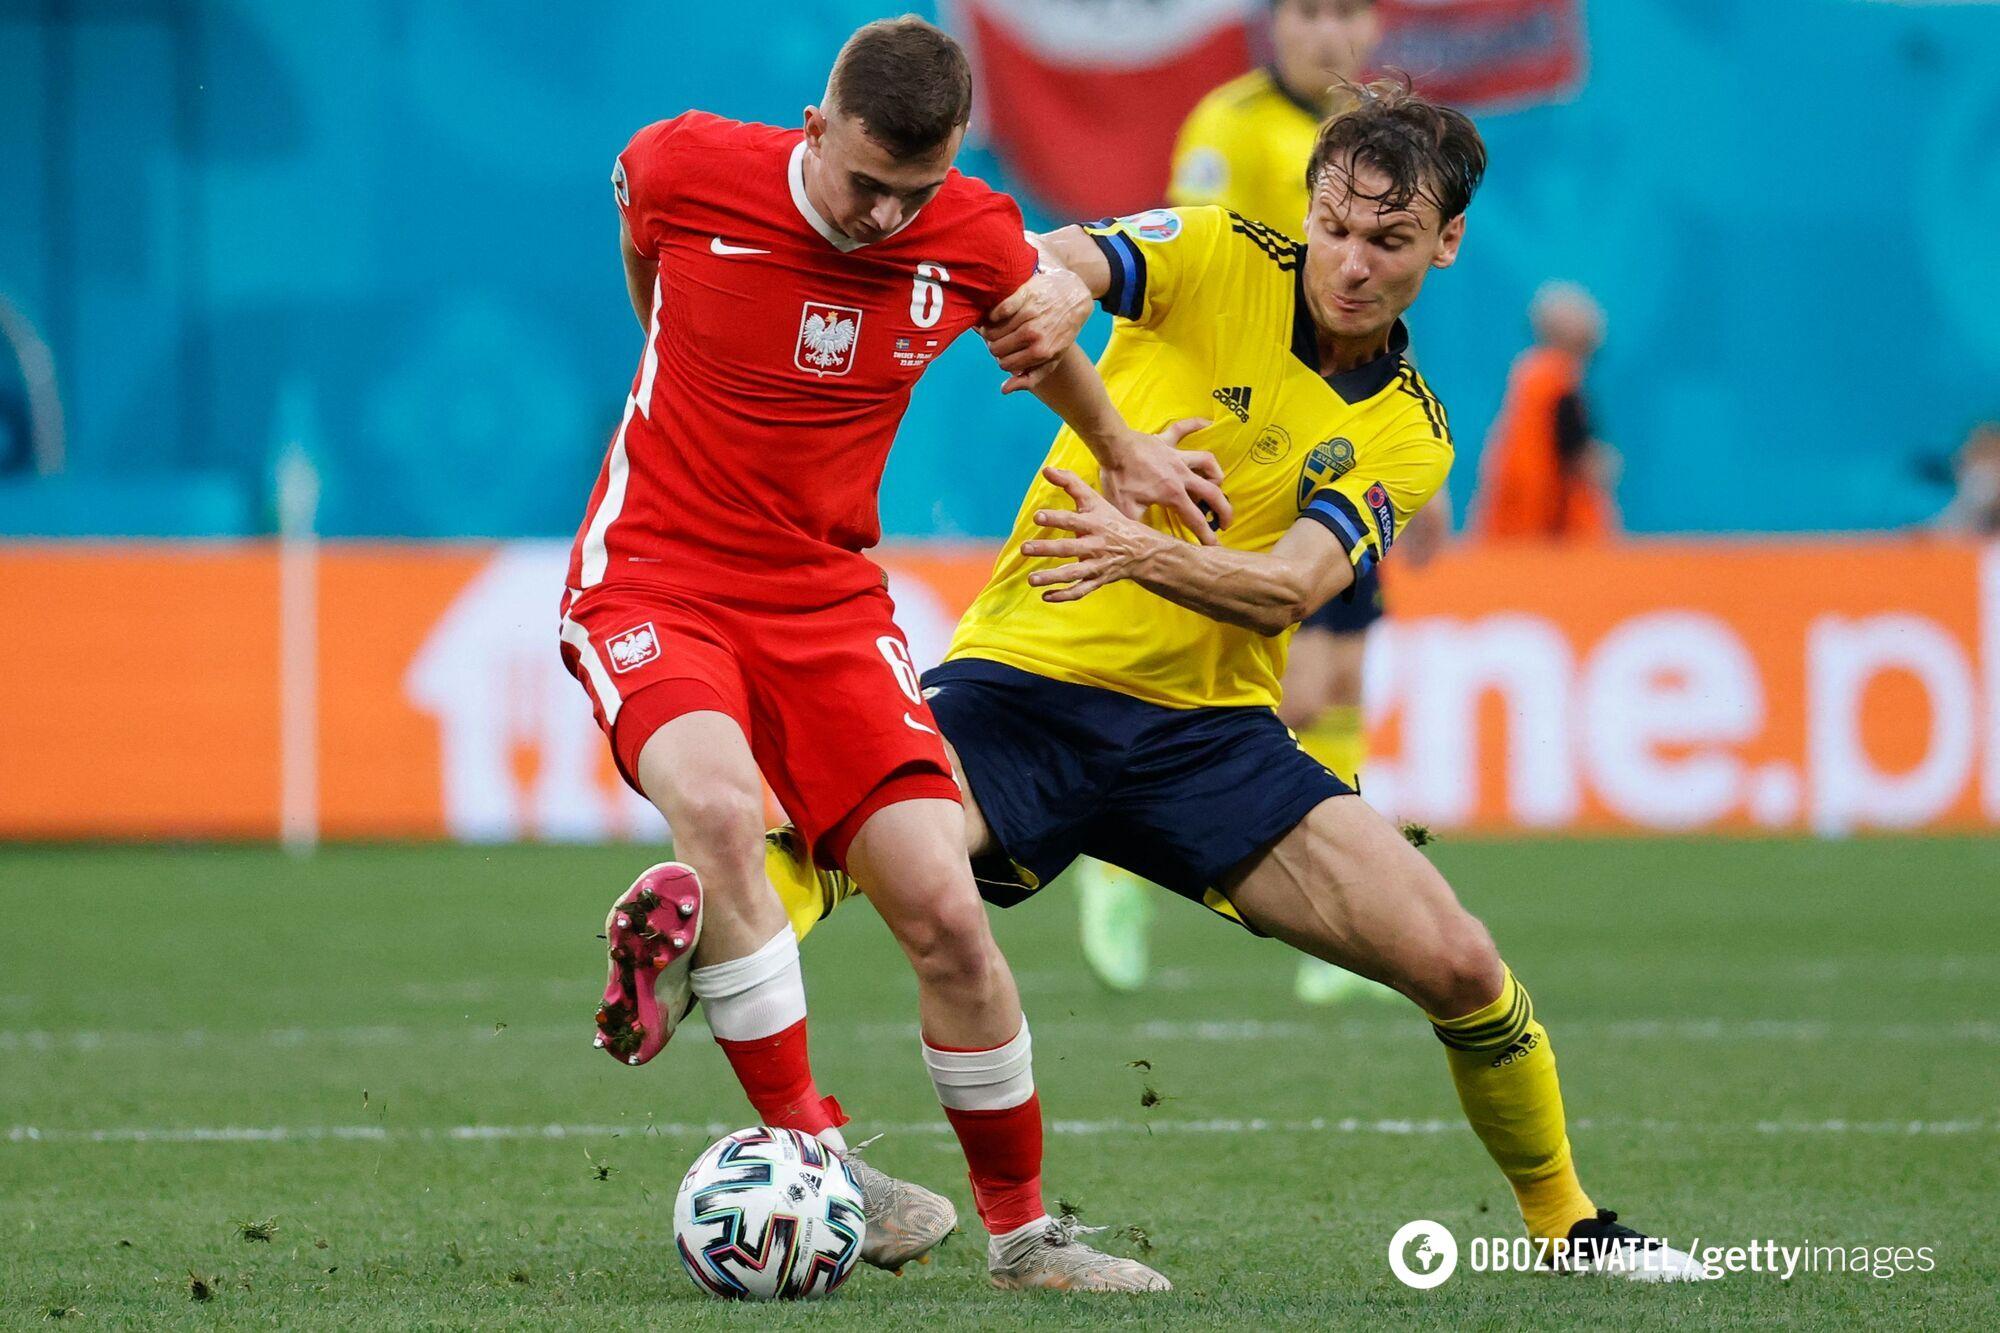 Албин Экдаль – основной игрок сборной Швеции.